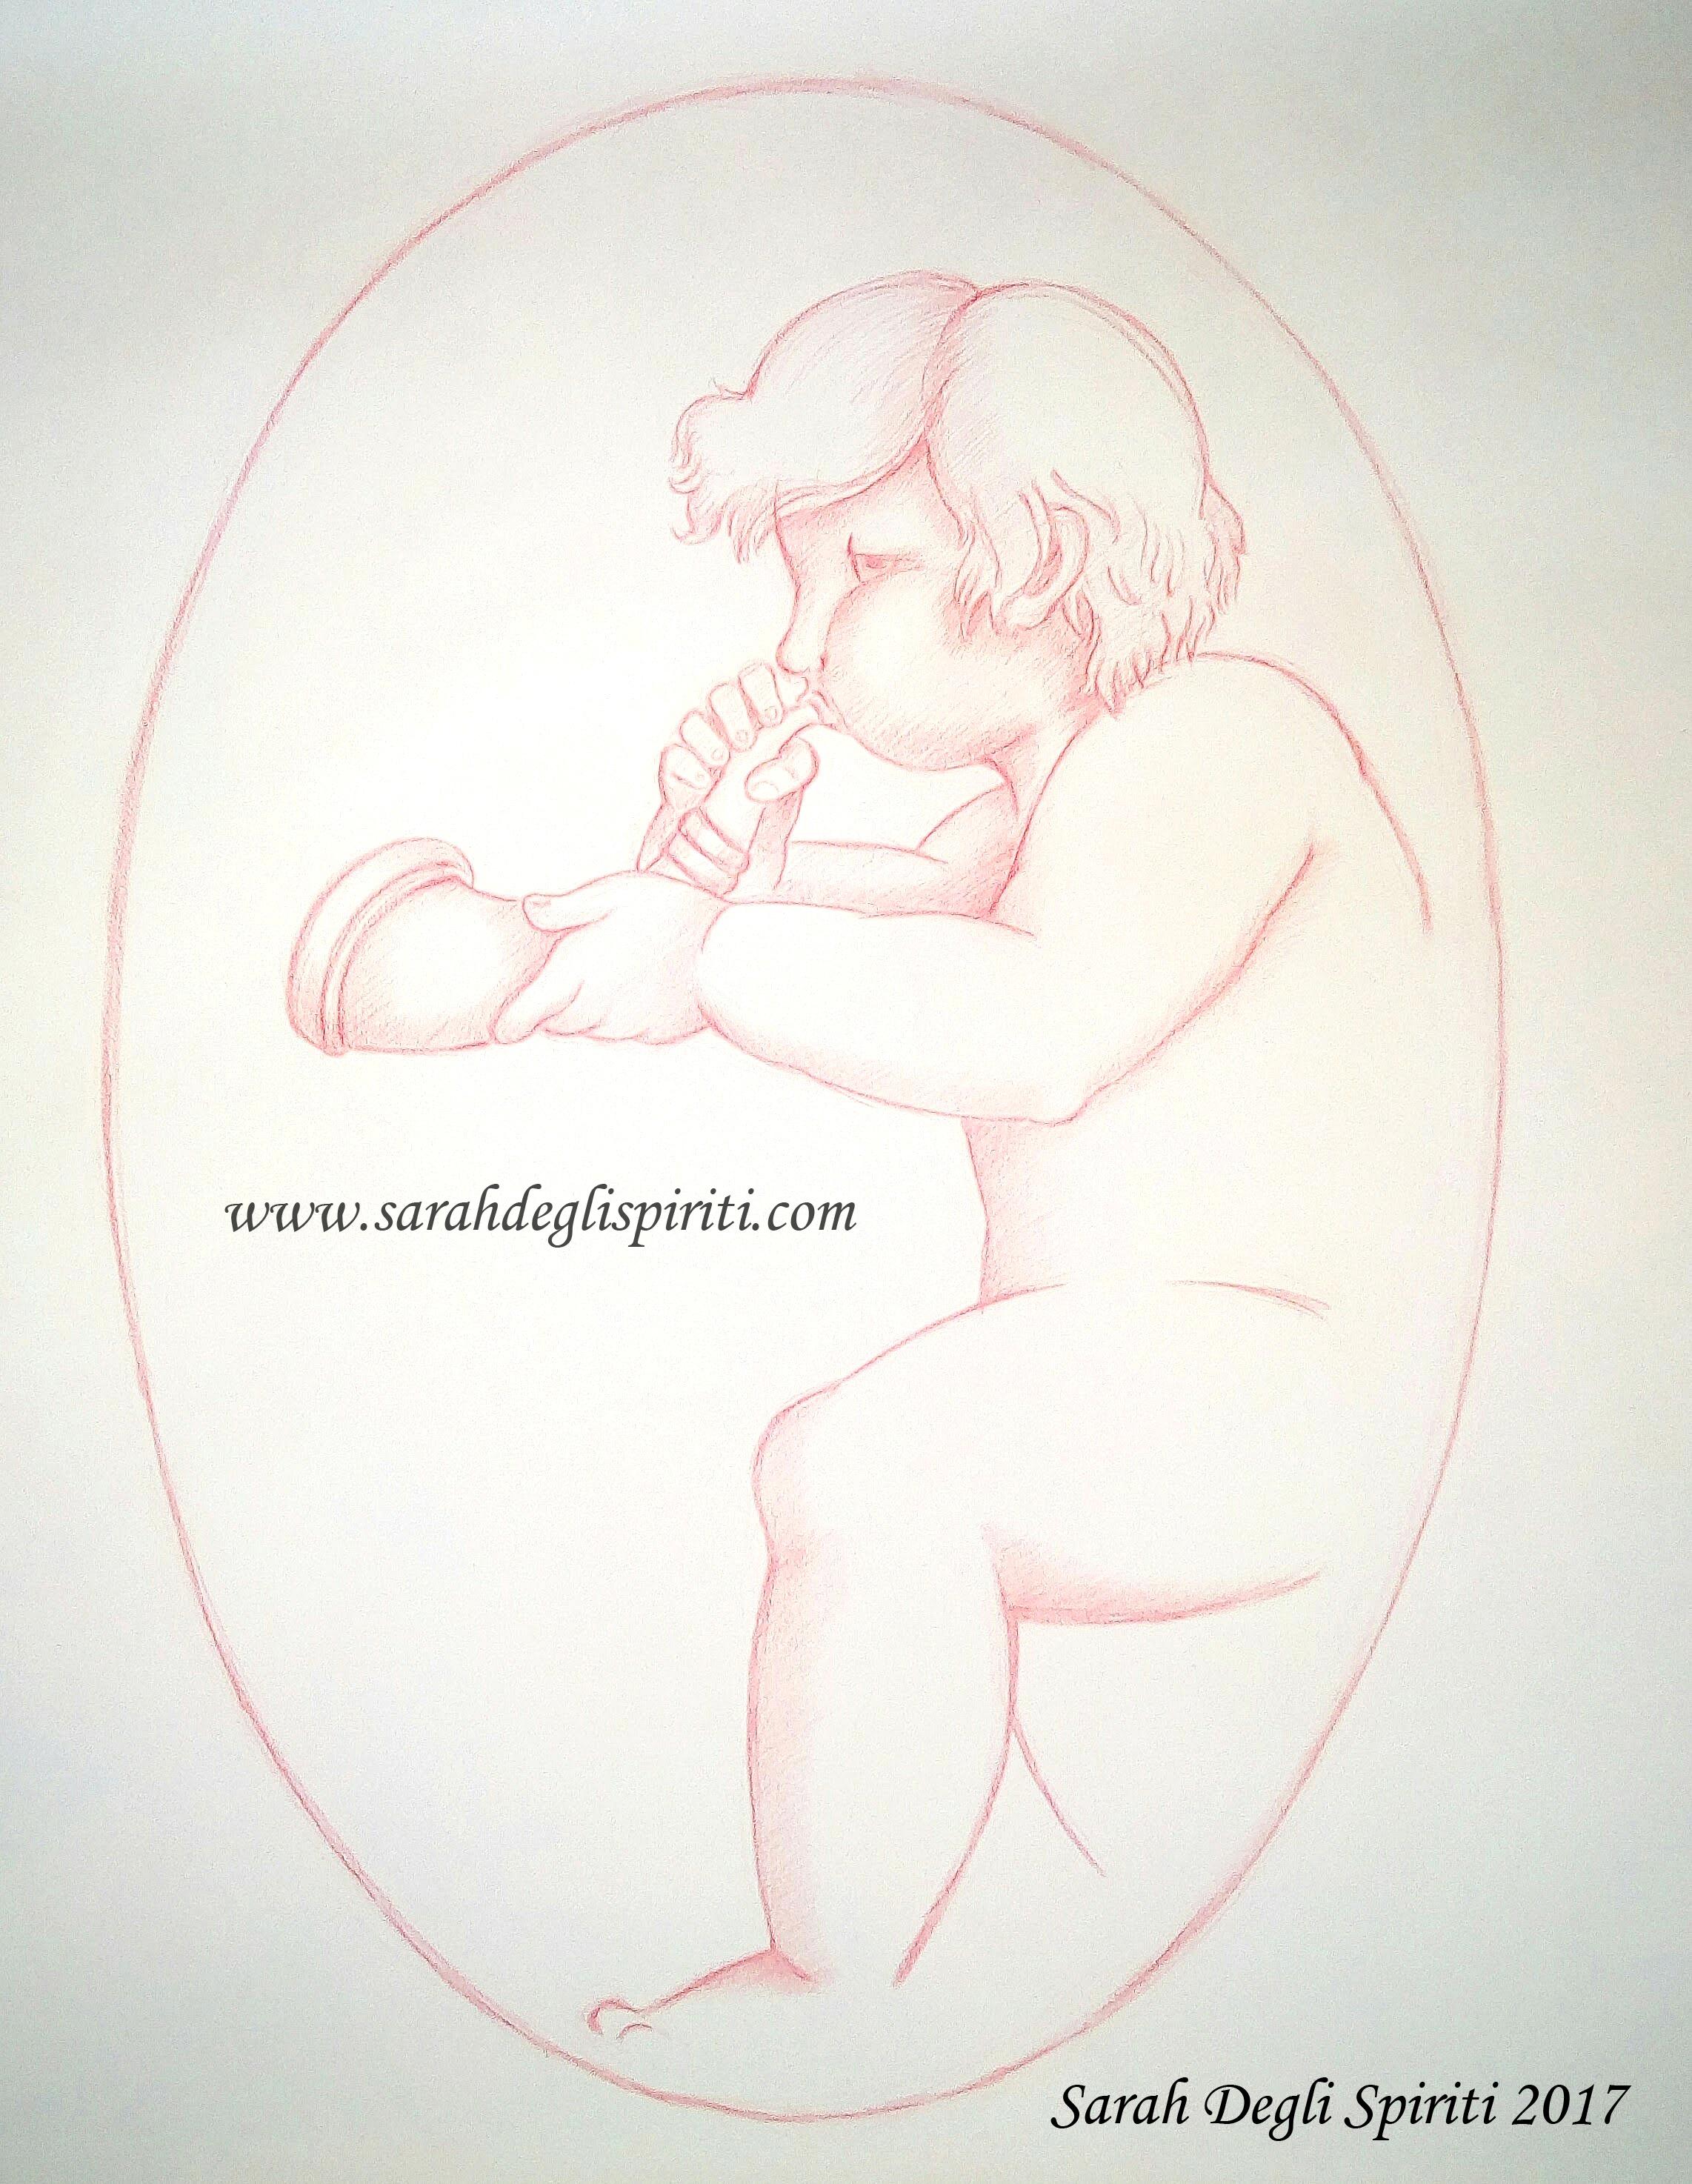 Disegno n.1 per L'ultima notte by Sarah Bernini